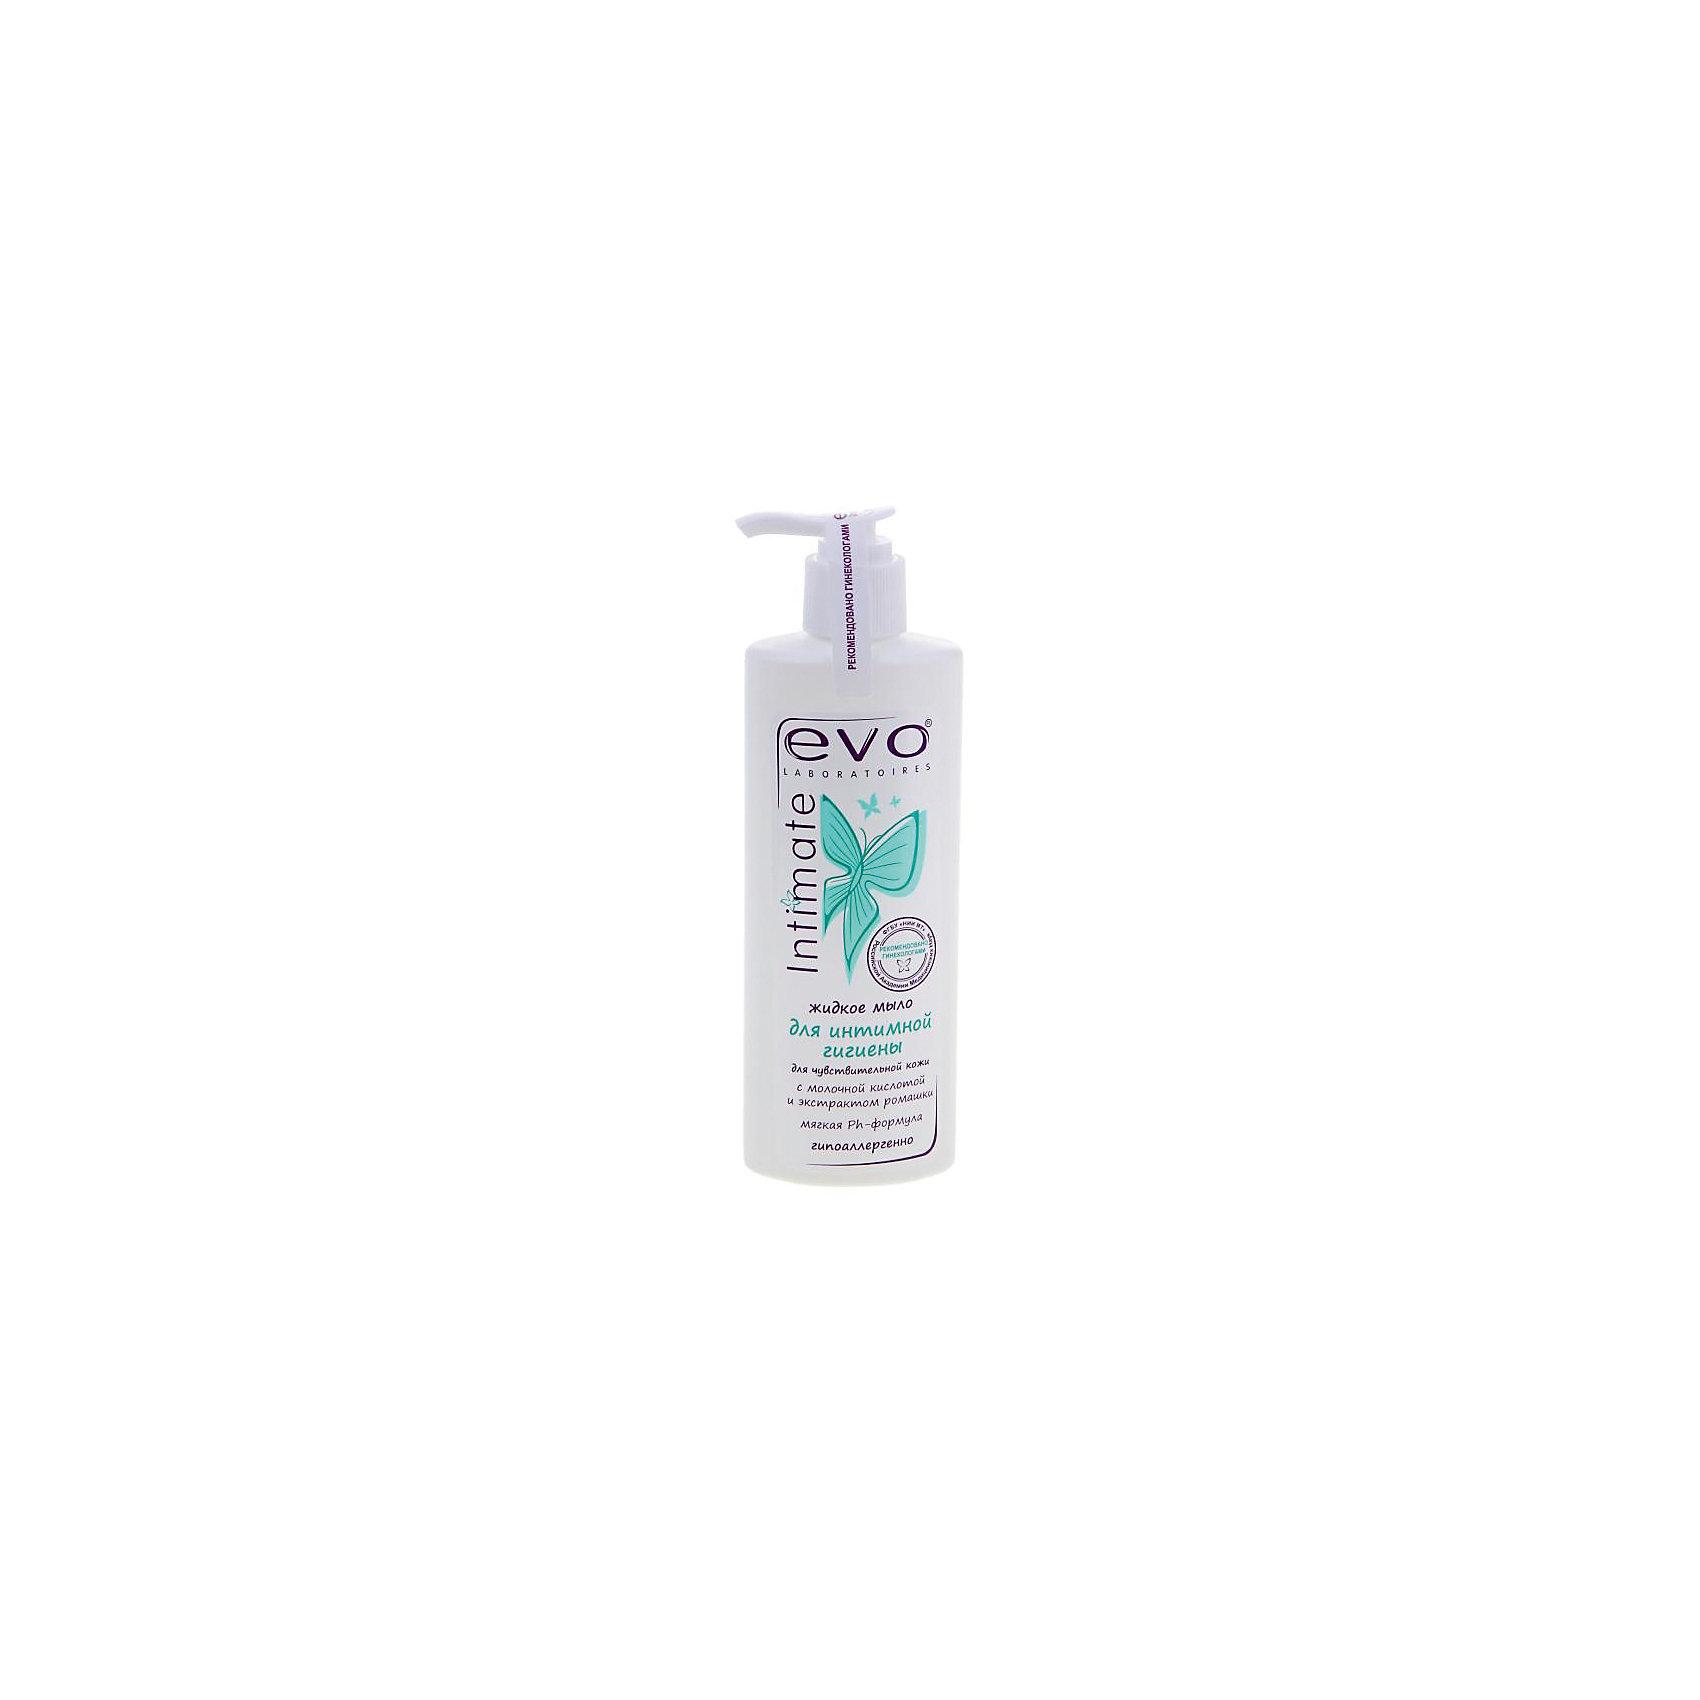 Мыло жидкое для интимной гигиены для чувствительной кожи EVO 200 мл. (-)